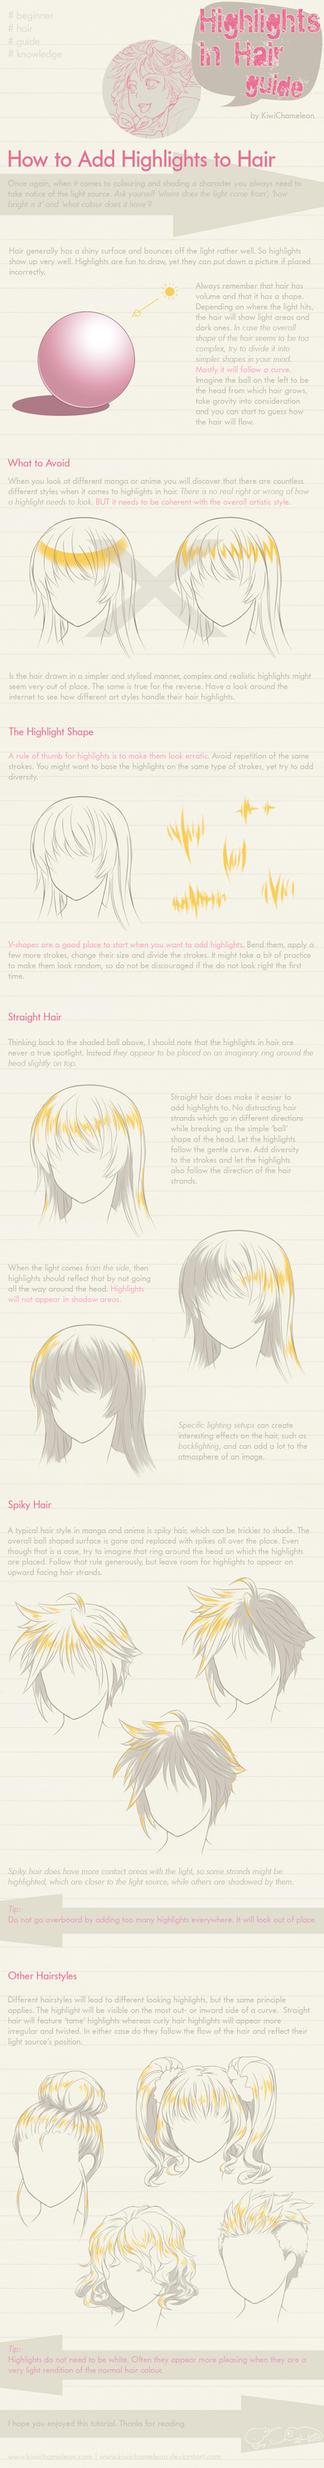 Highlights in Hair - guide by KiwiChameleon